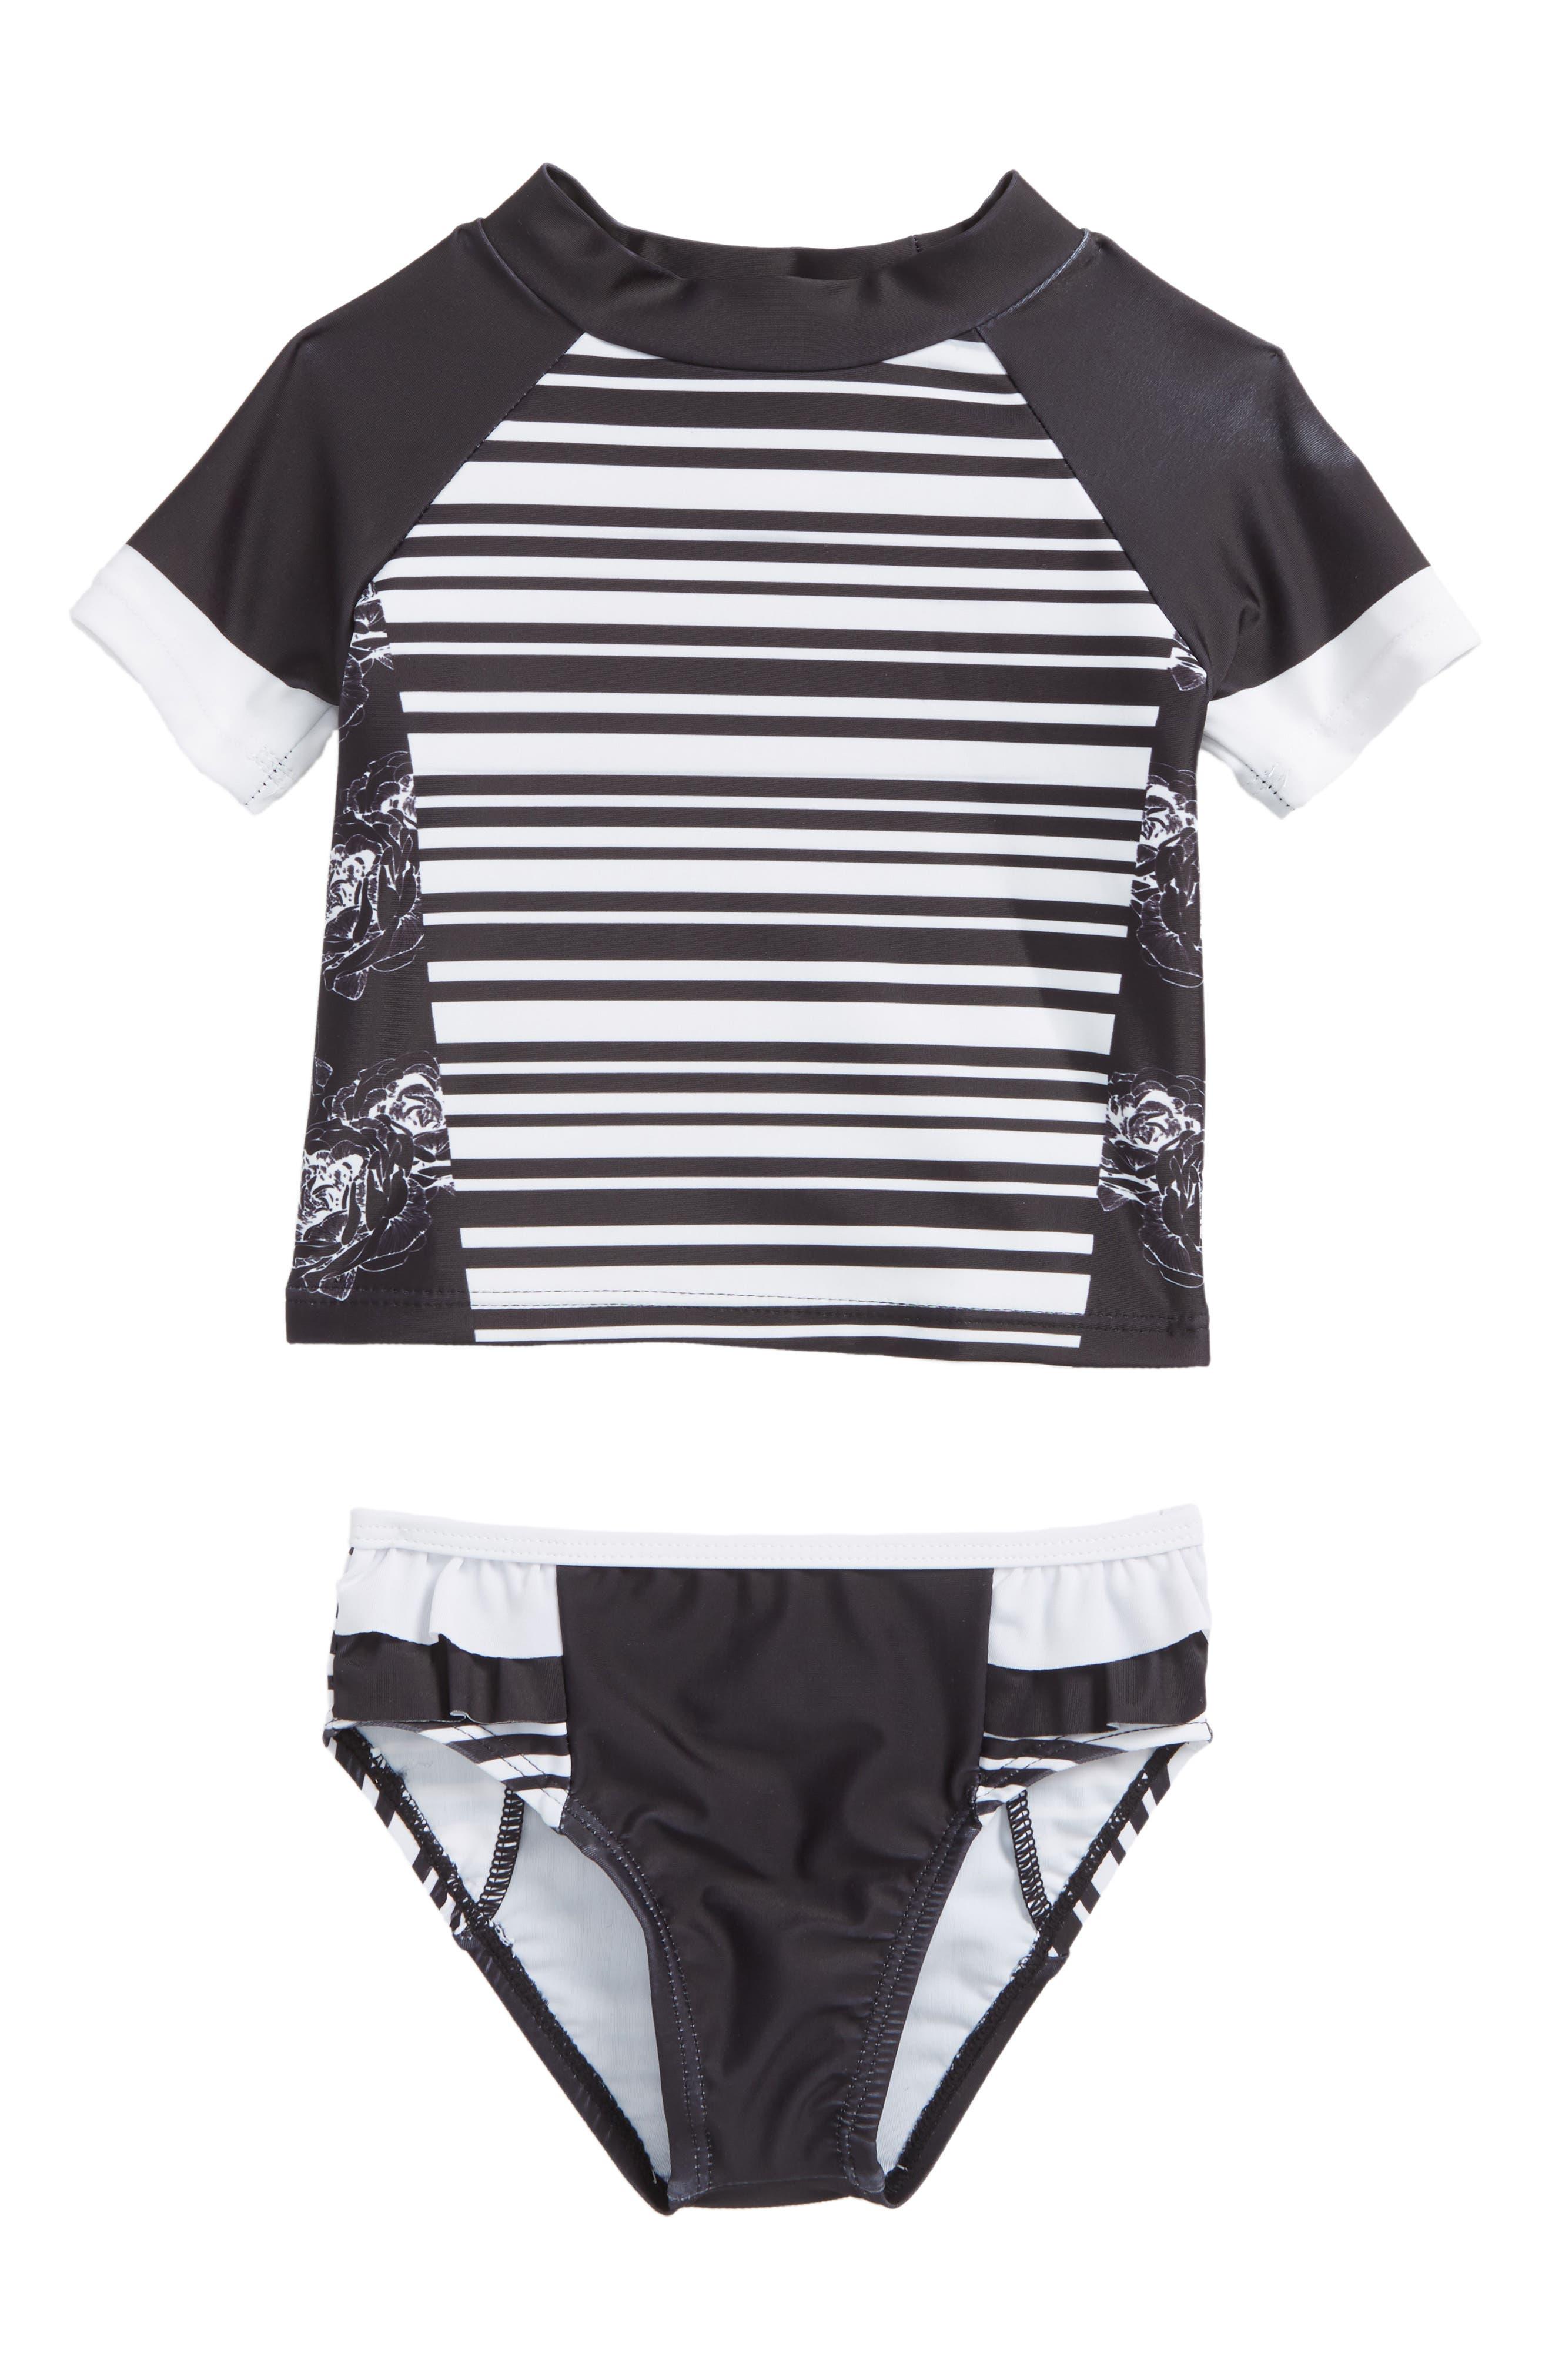 Two-Piece Rashguard Swimsuit,                             Main thumbnail 1, color,                             Black